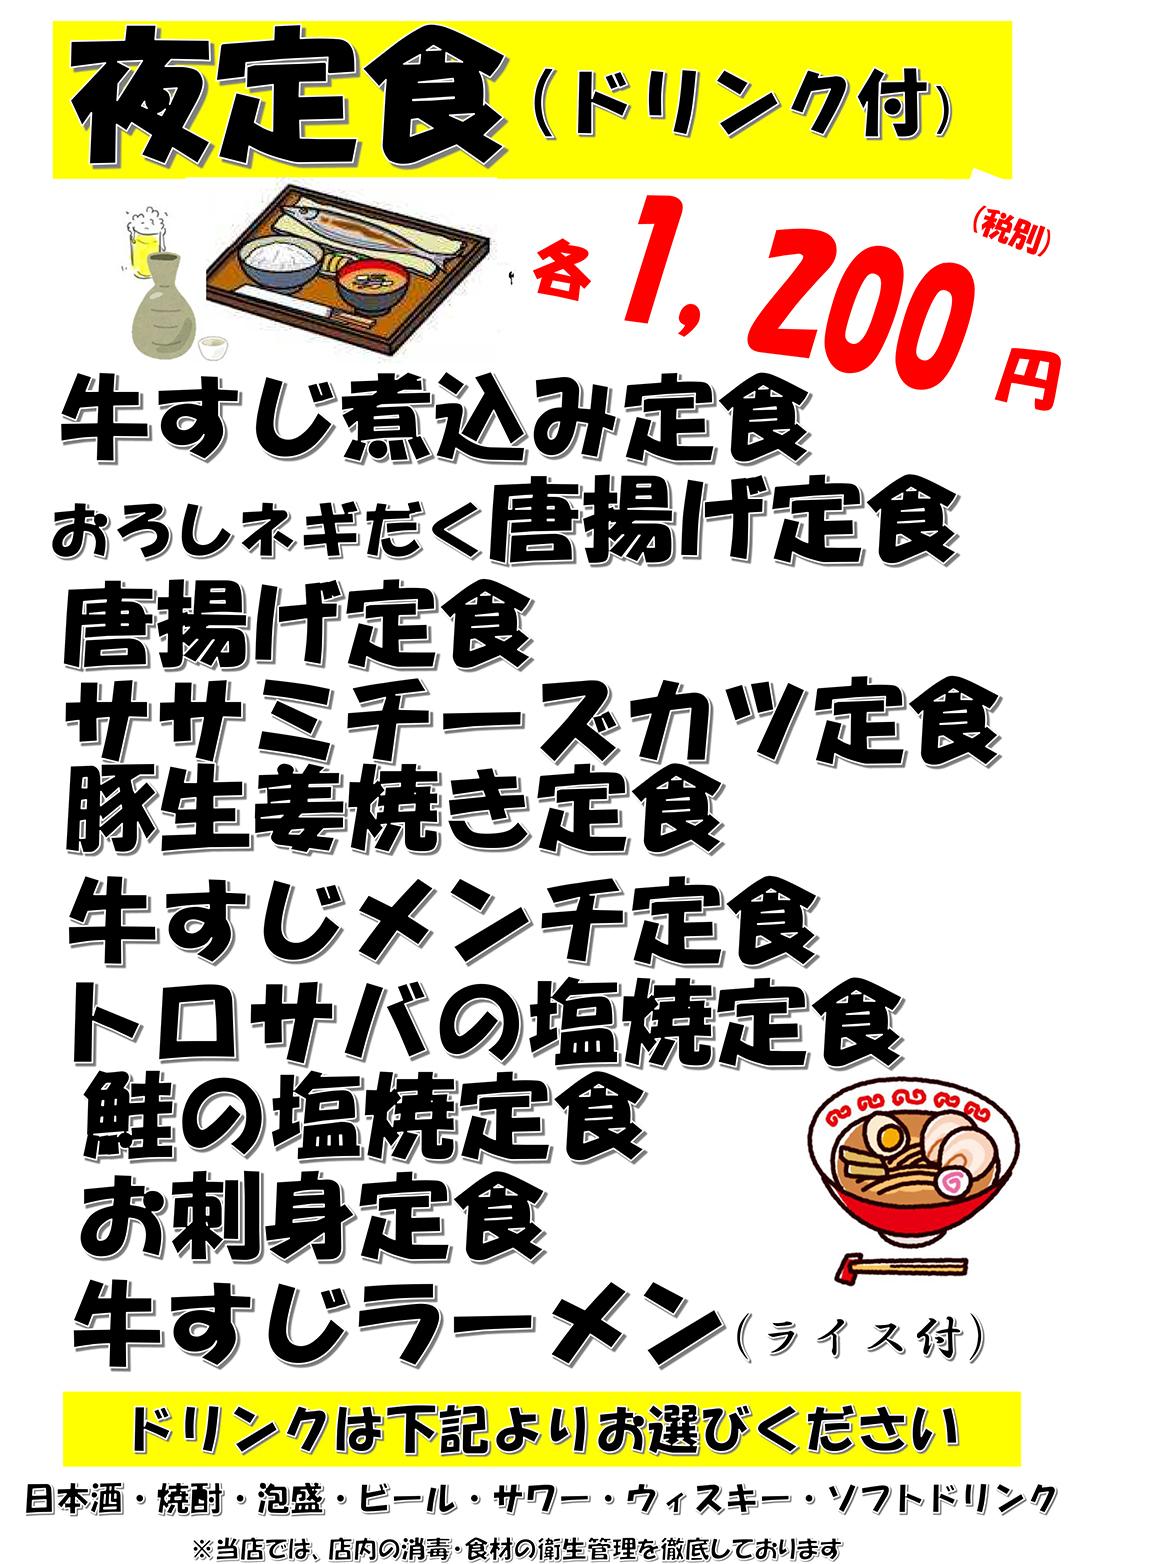 源八の夜定食(ドリンク付)1,200円